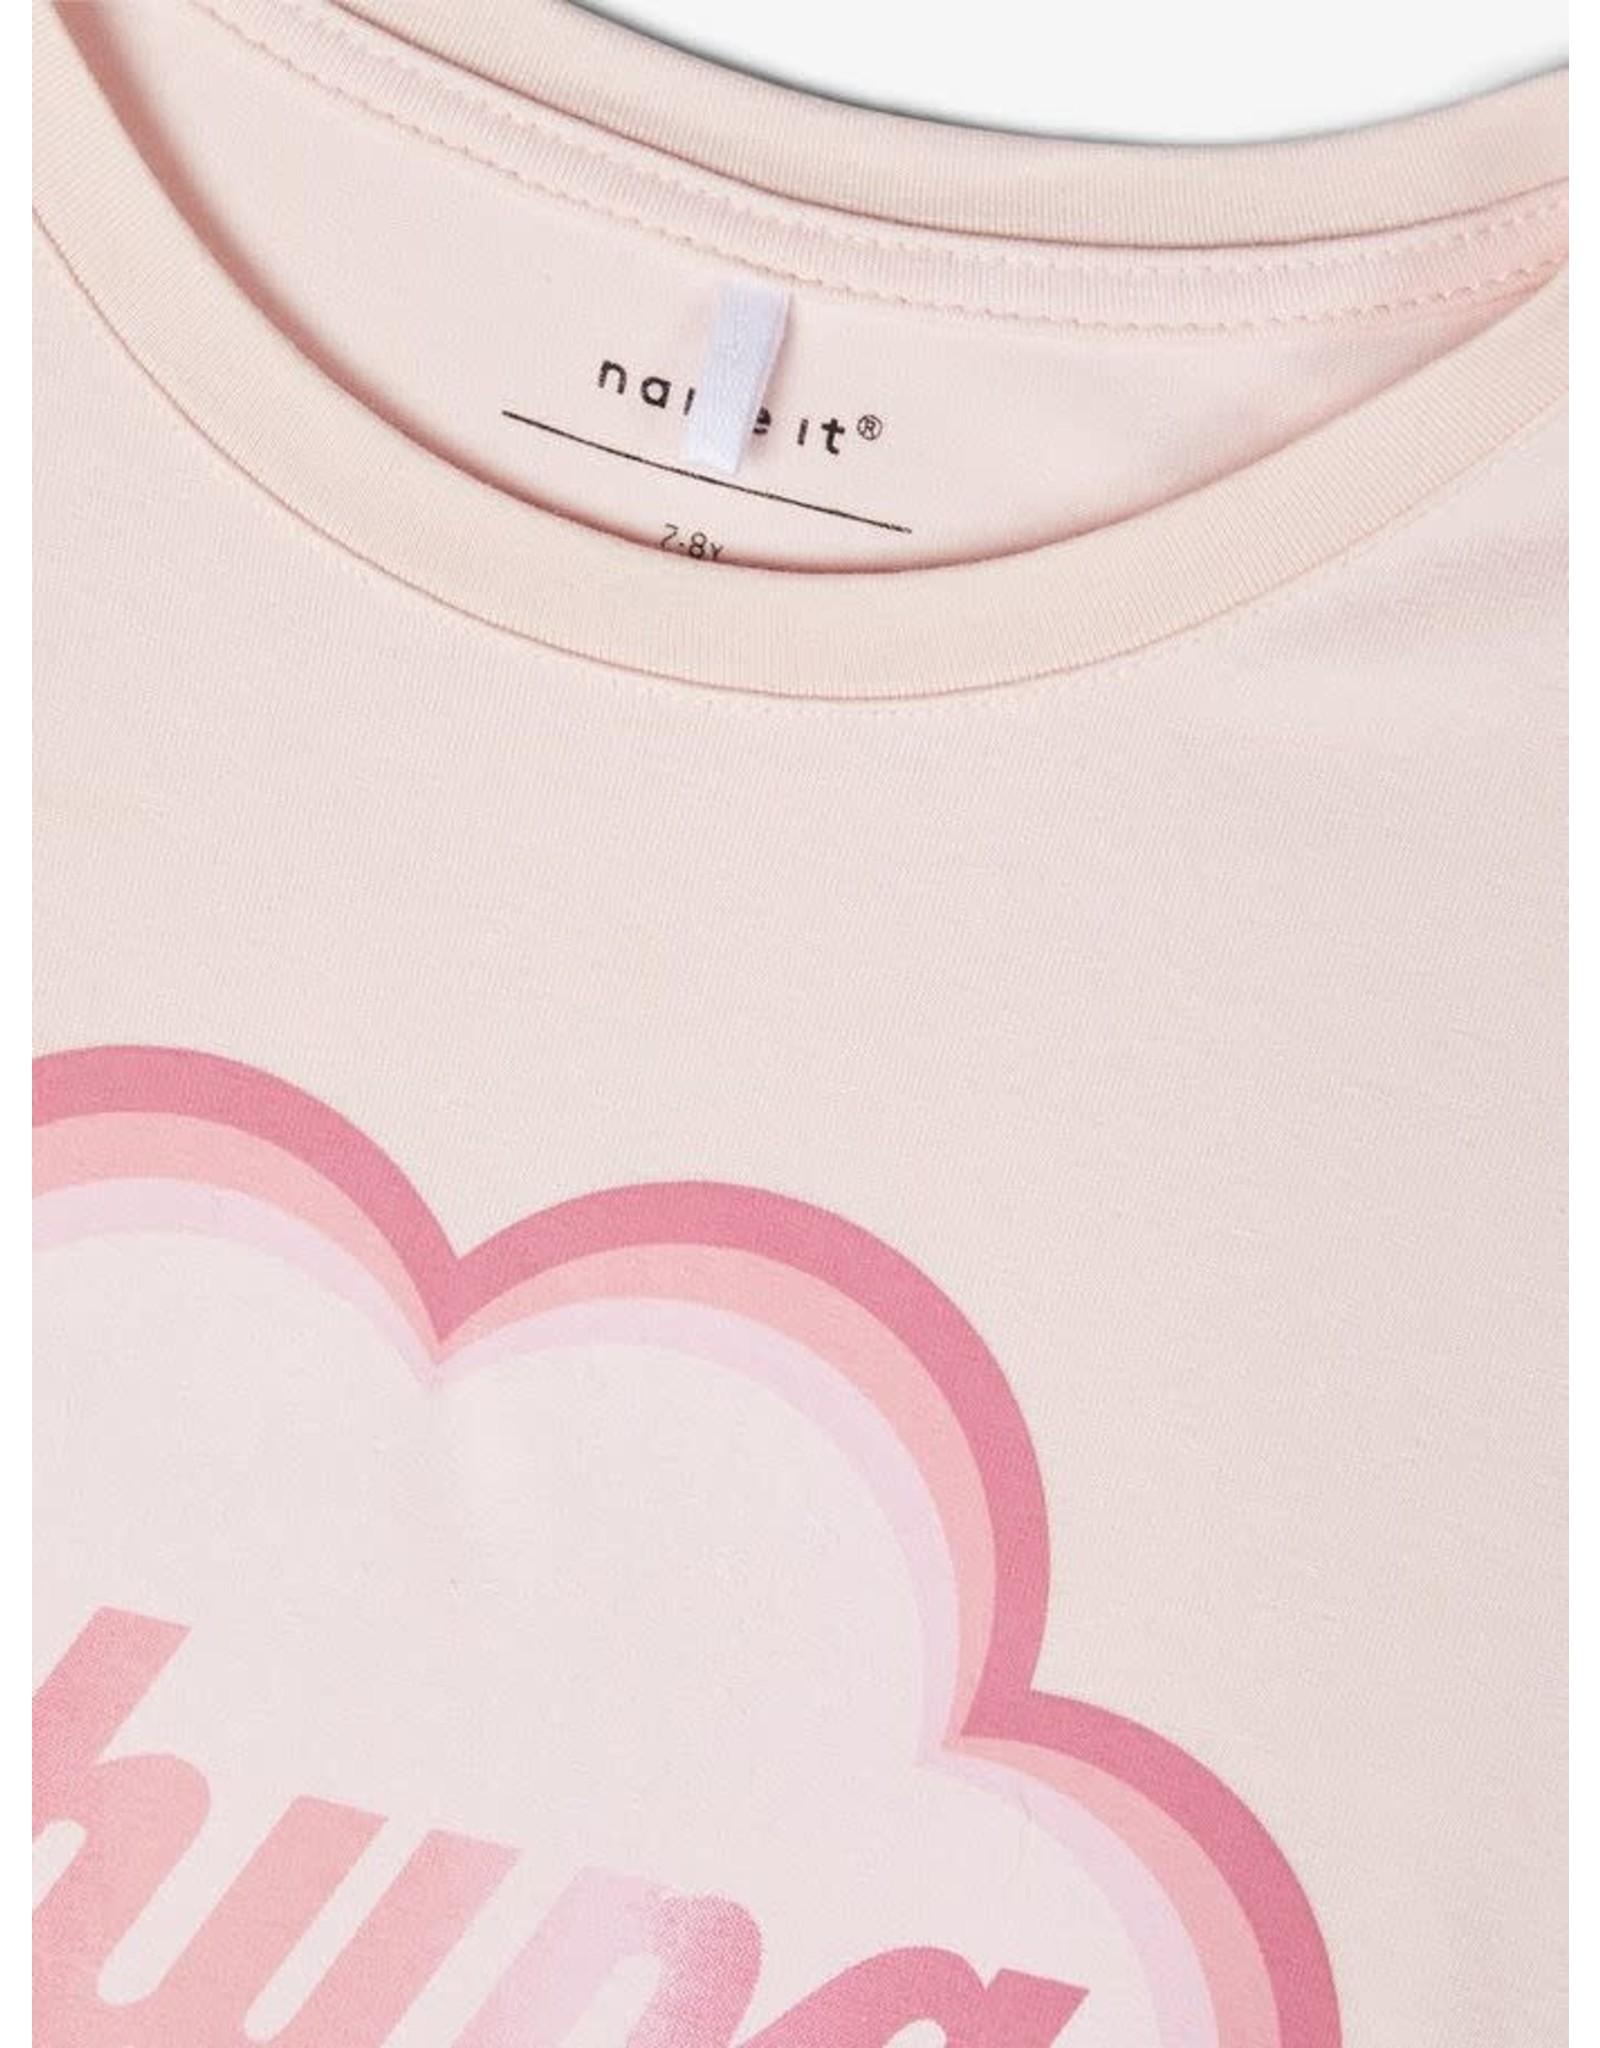 Name It T-shirt met korte mouwen voor de Chupa Chups lolly liefhebber